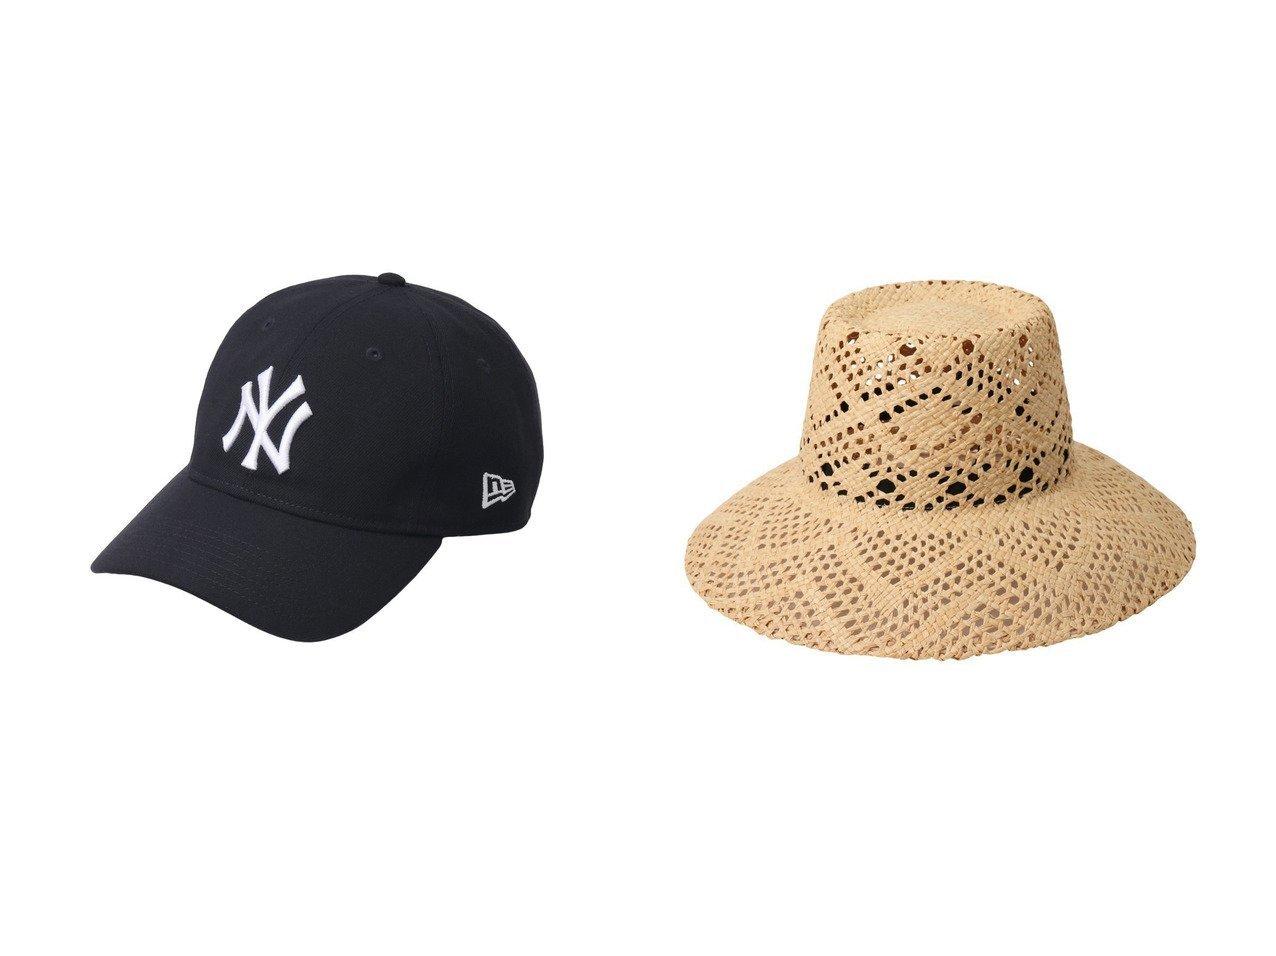 【MAISON SPECIAL/メゾンスペシャル】の【La Maison de Lyllis】VAUCHO&【Shinzone/シンゾーン】のYankeesキャップ おすすめ!人気、トレンド・レディースファッションの通販  おすすめで人気の流行・トレンド、ファッションの通販商品 インテリア・家具・メンズファッション・キッズファッション・レディースファッション・服の通販 founy(ファニー) https://founy.com/ ファッション Fashion レディースファッション WOMEN 帽子 Hats 2020年 2020 2020-2021秋冬・A/W AW・Autumn/Winter・FW・Fall-Winter/2020-2021 2021年 2021 2021-2022秋冬・A/W AW・Autumn/Winter・FW・Fall-Winter・2021-2022 A/W・秋冬 AW・Autumn/Winter・FW・Fall-Winter キャップ シンプル フェミニン フォルム 帽子  ID:crp329100000063094